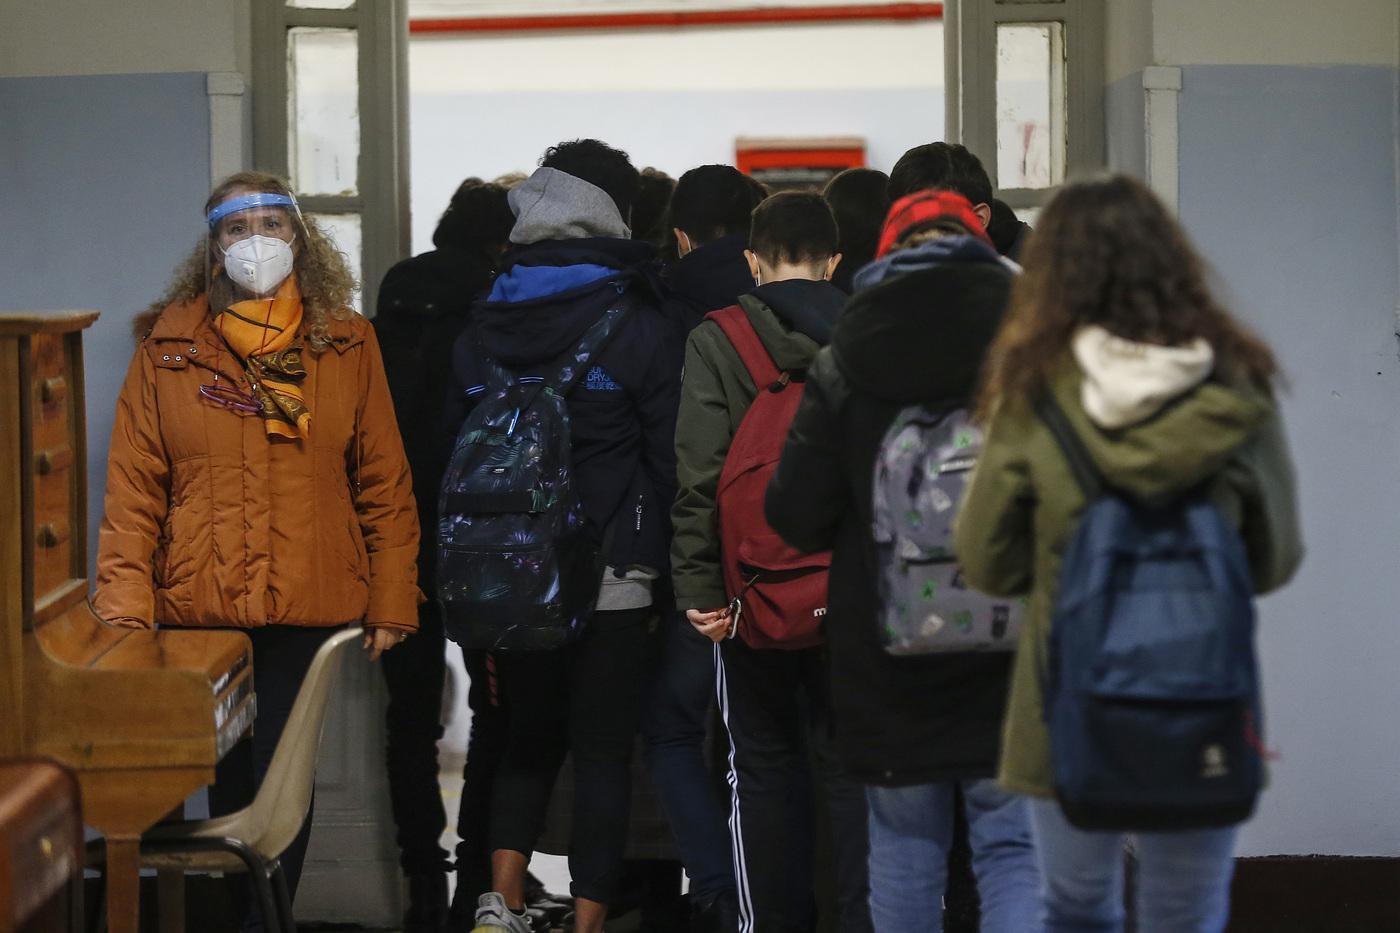 Scuola, da oggi di nuovo sui banchi 8 milioni di studenti in 7 Regioni gialle